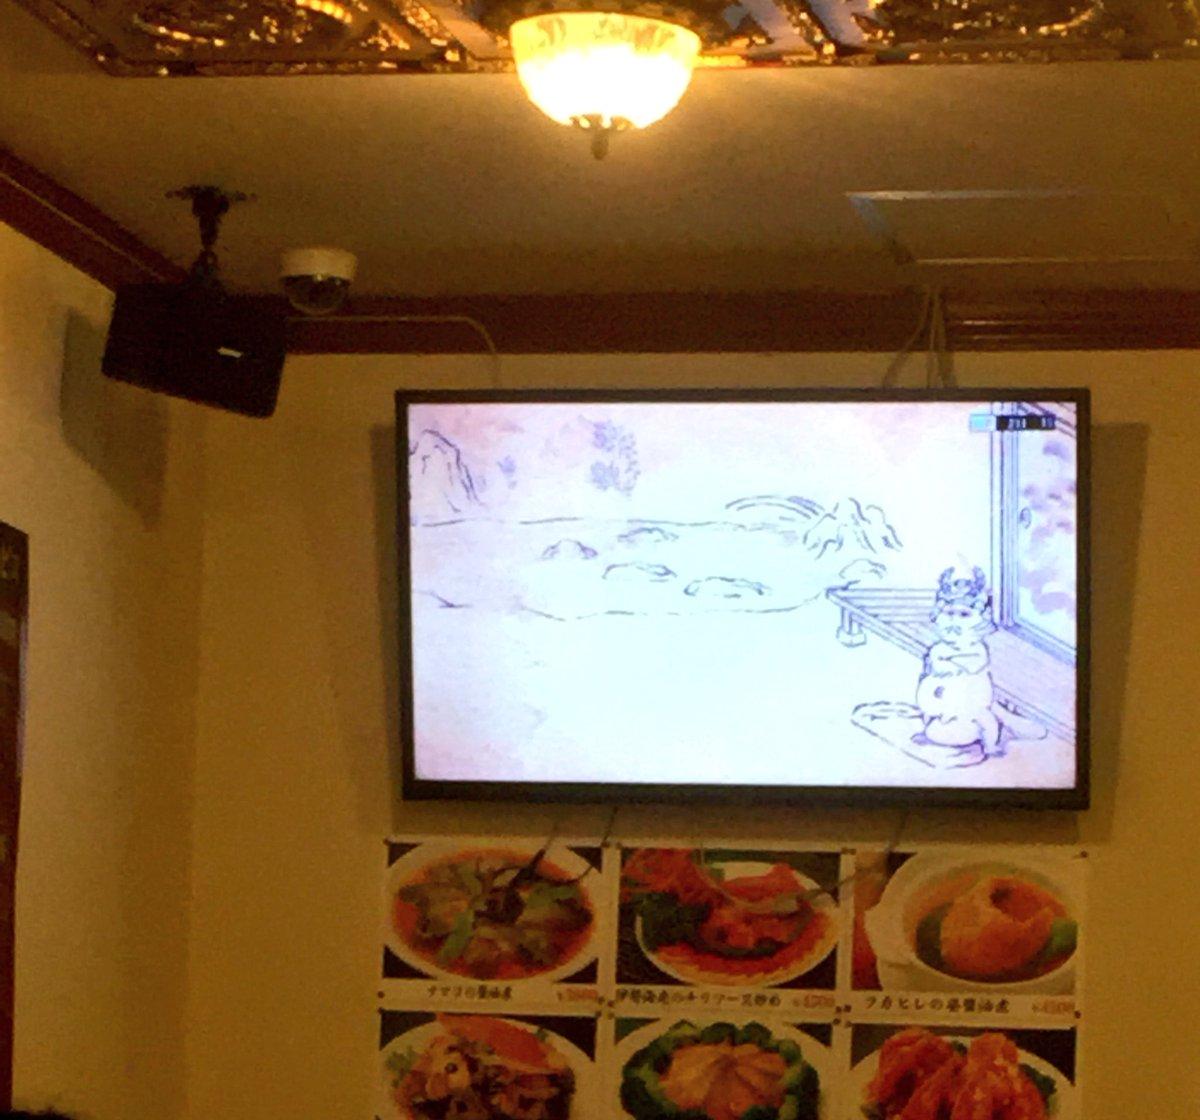 たまたま入店した料理屋で戦国鳥獣戯画(狸)に出会う奇跡に乾杯しとく